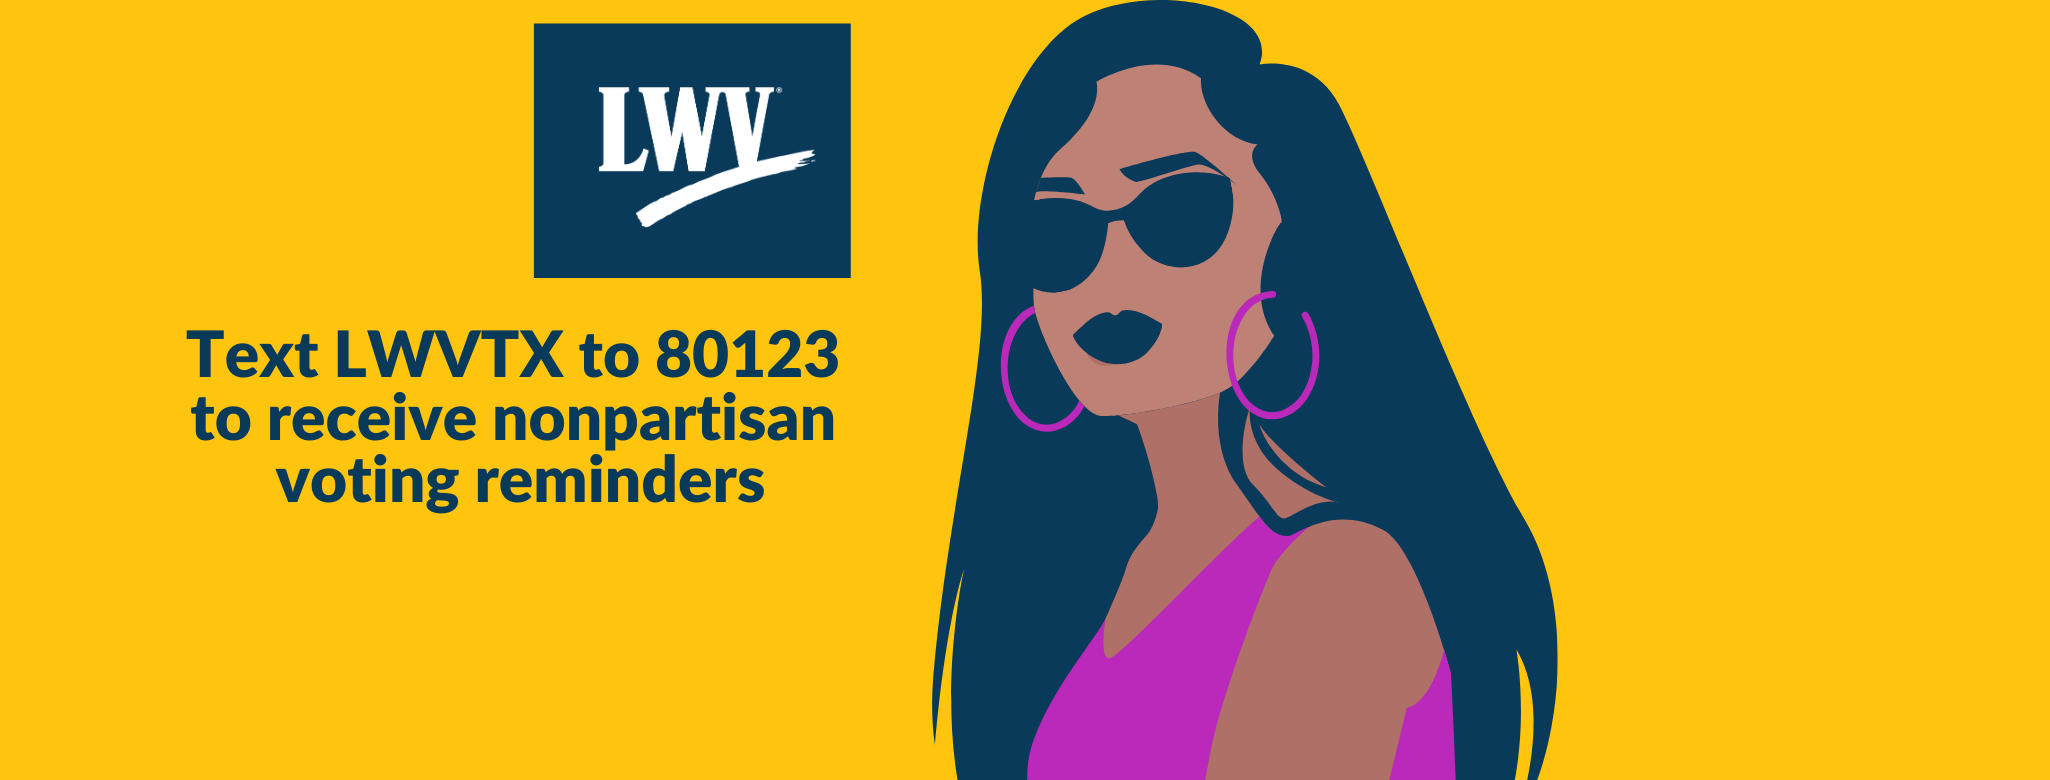 Get voting reminders! Texas LWVTX to 80123